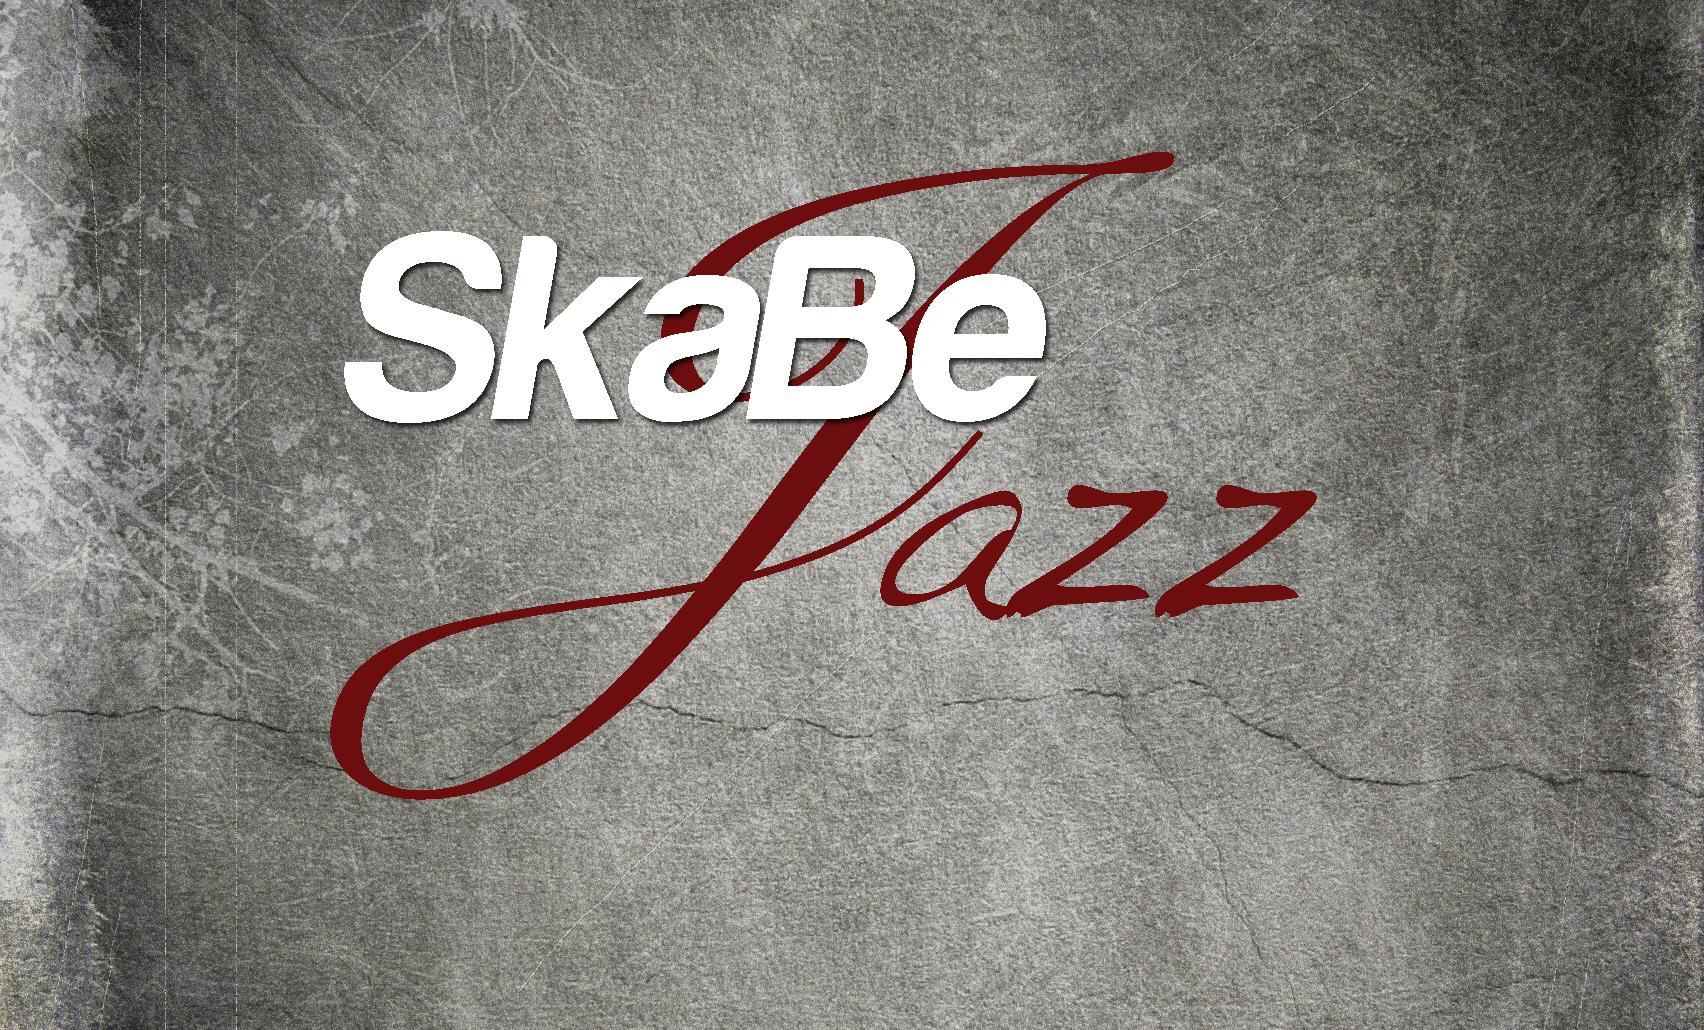 Ska be Jazz .. die 16